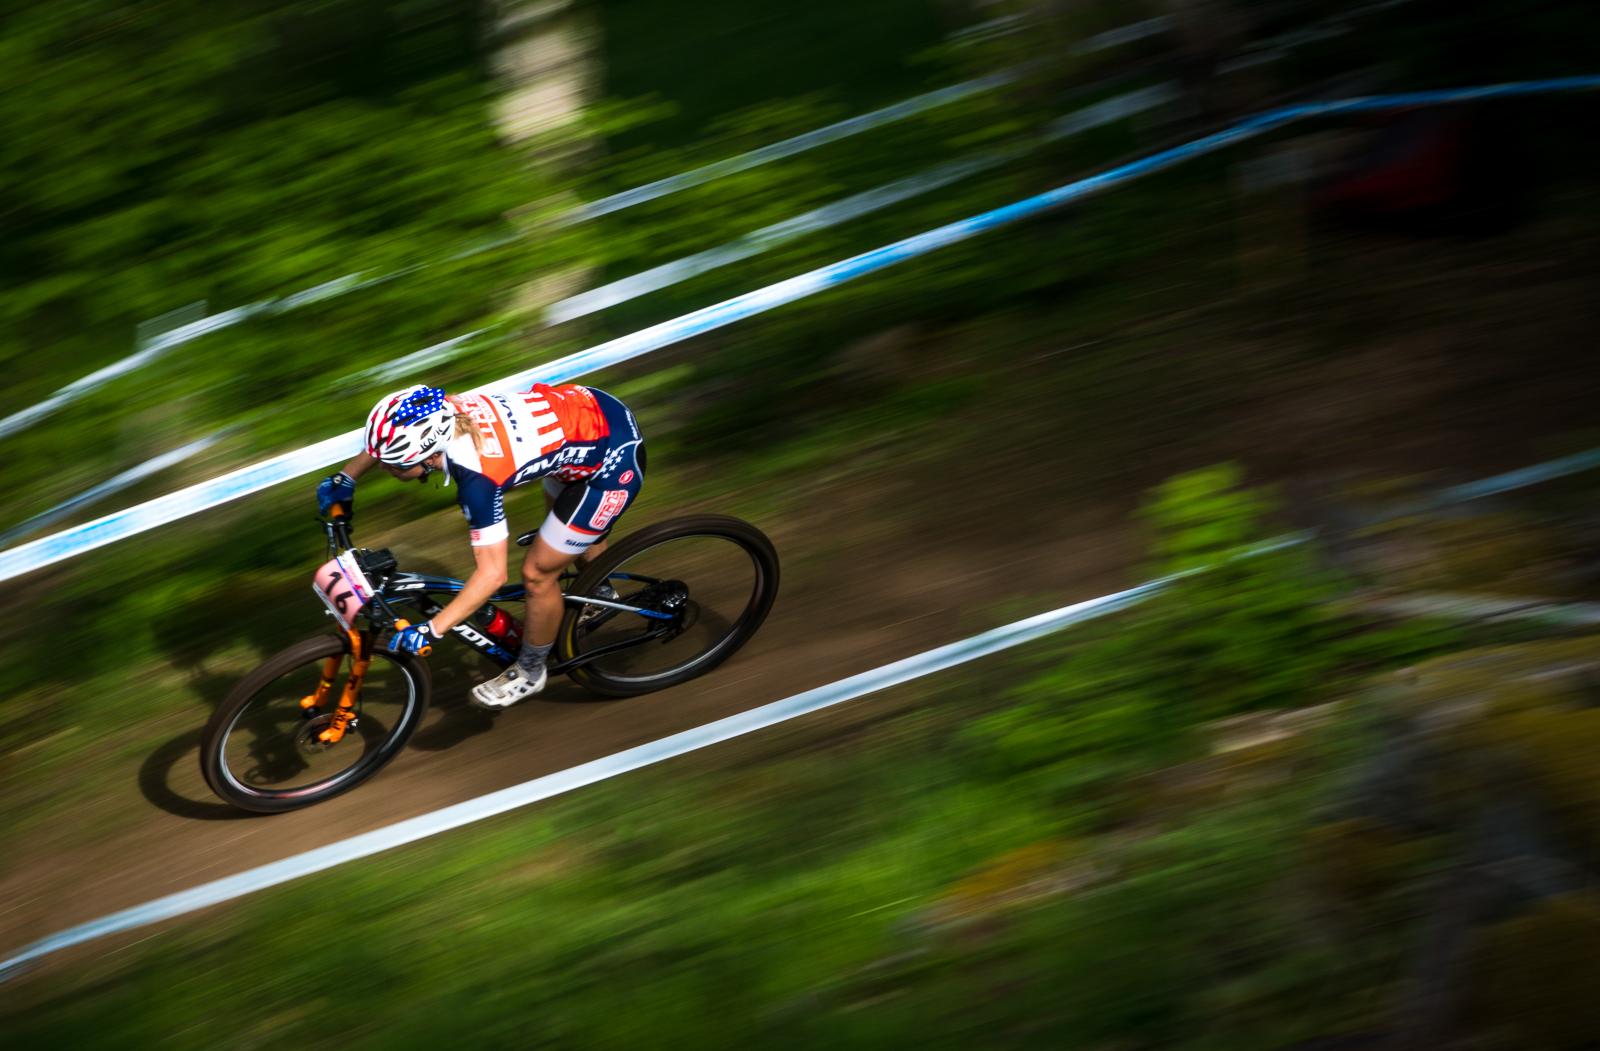 Cyclist Chloe Woodruff